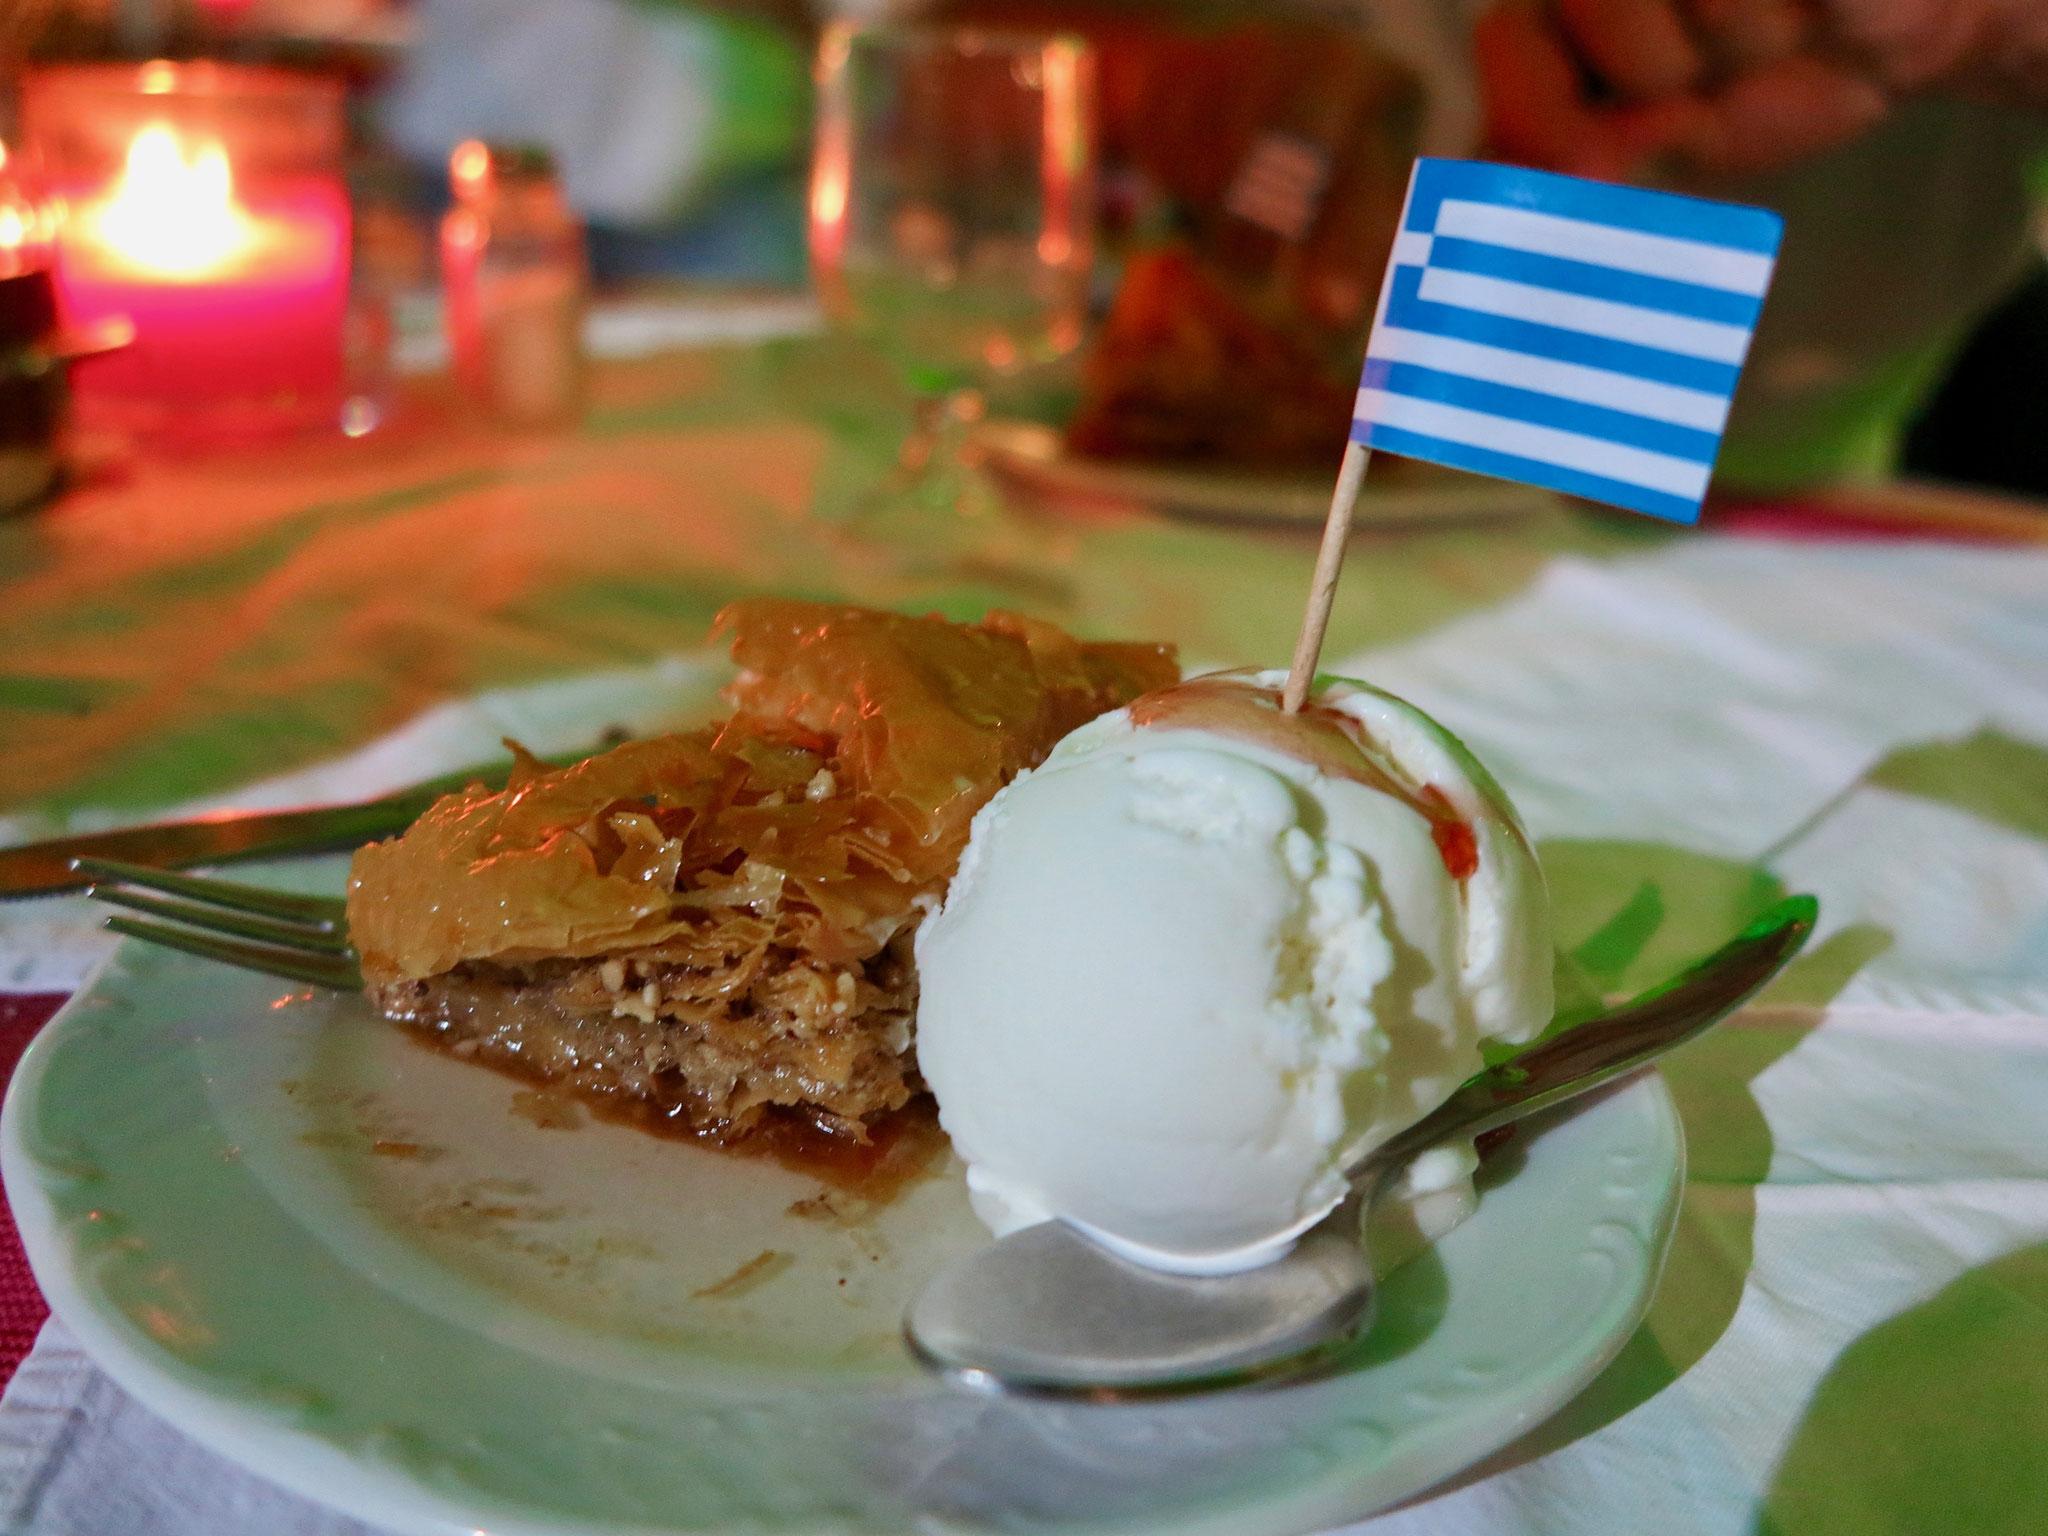 ナッツやはちみつがたっぷり使用されているお菓子。トルコやシリアなどのデザートに似ている。